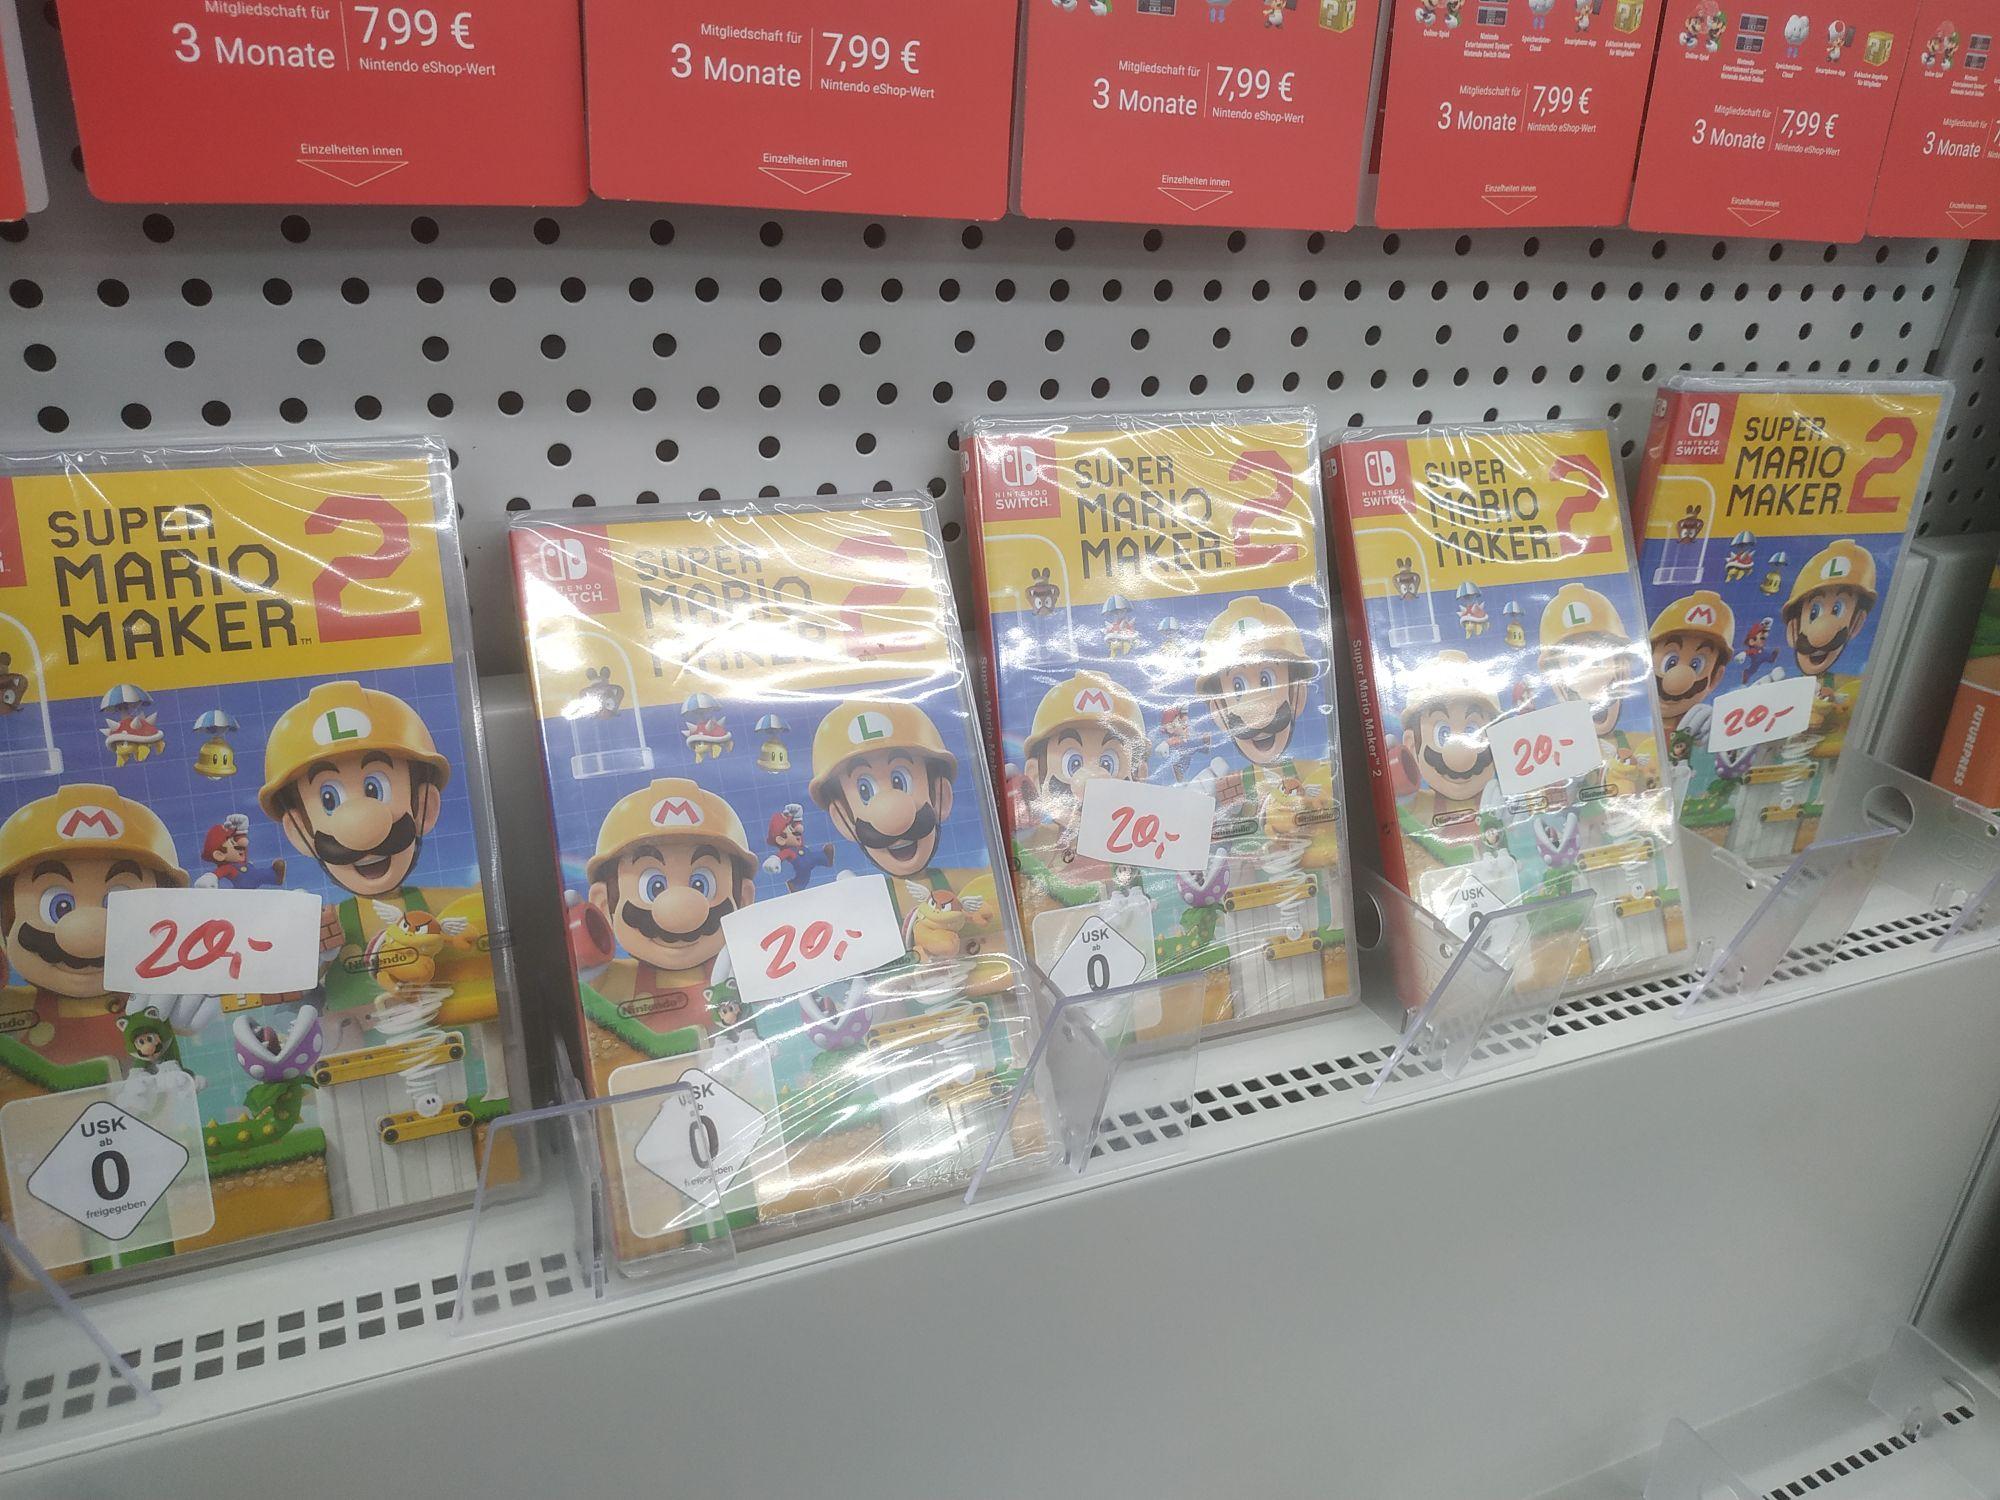 Super Mario Maker 2 - Media Markt Emden